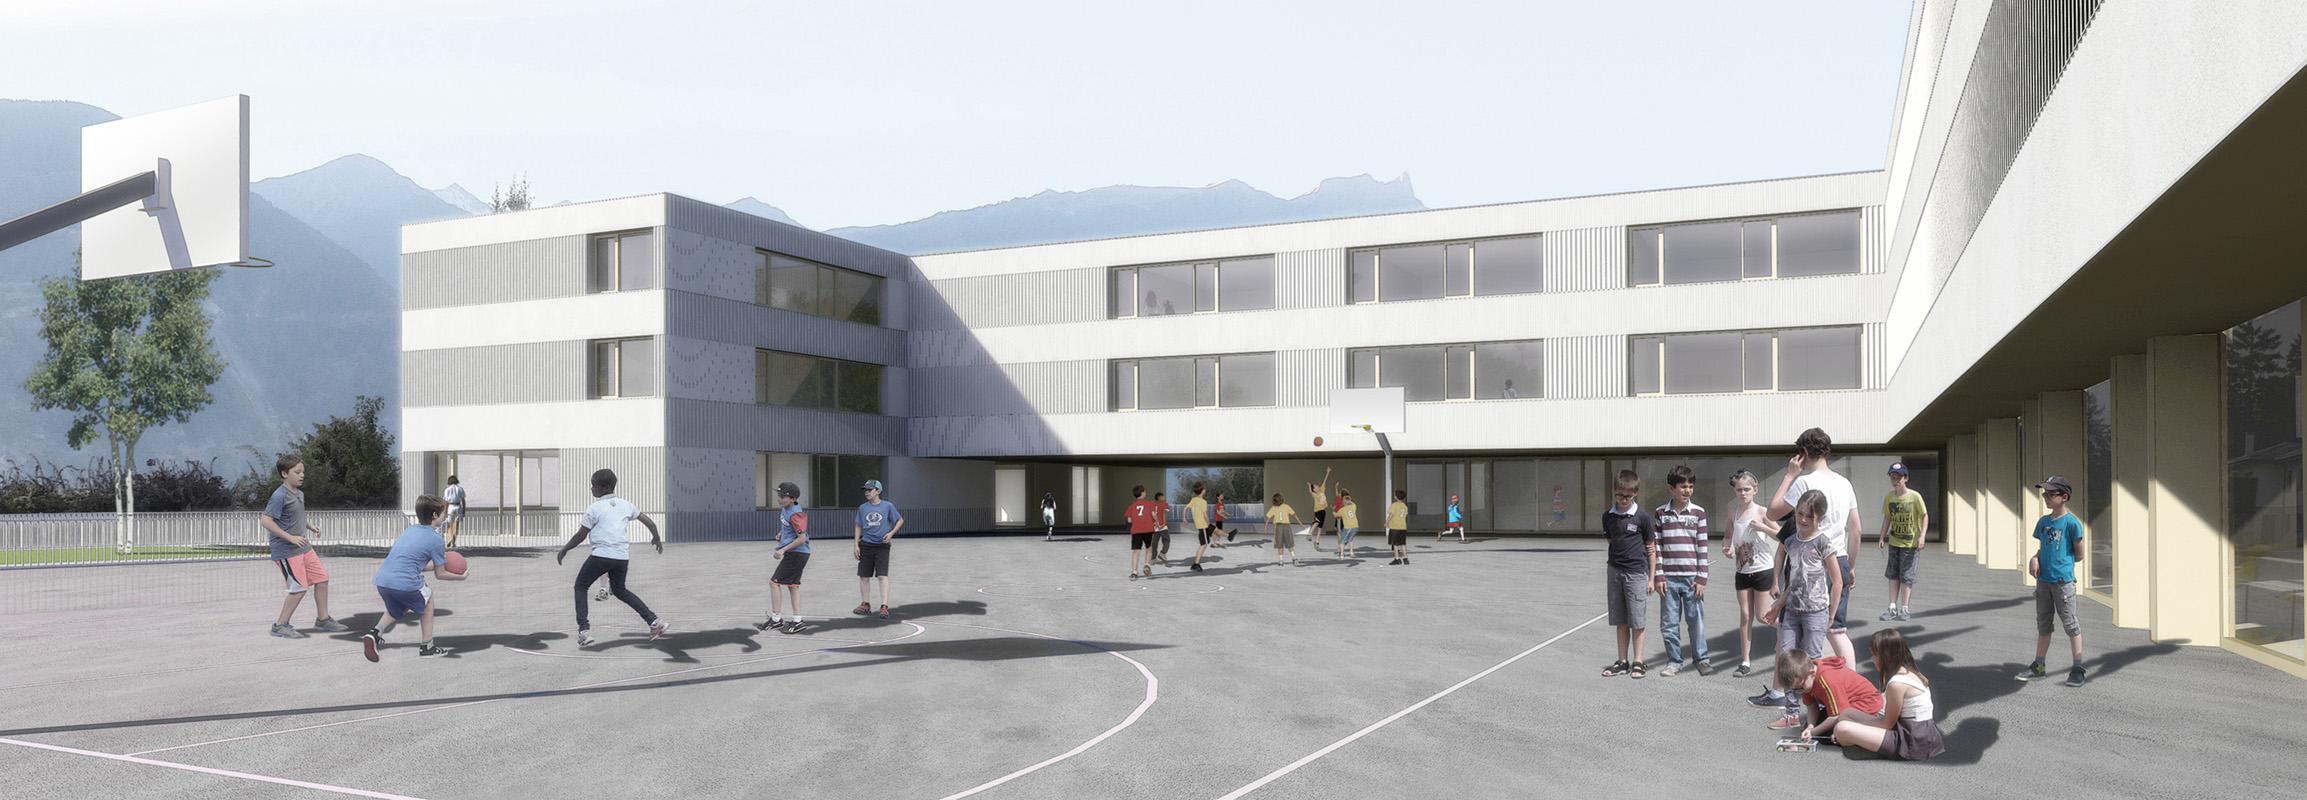 Anako concours - Architecture pour enfants ...